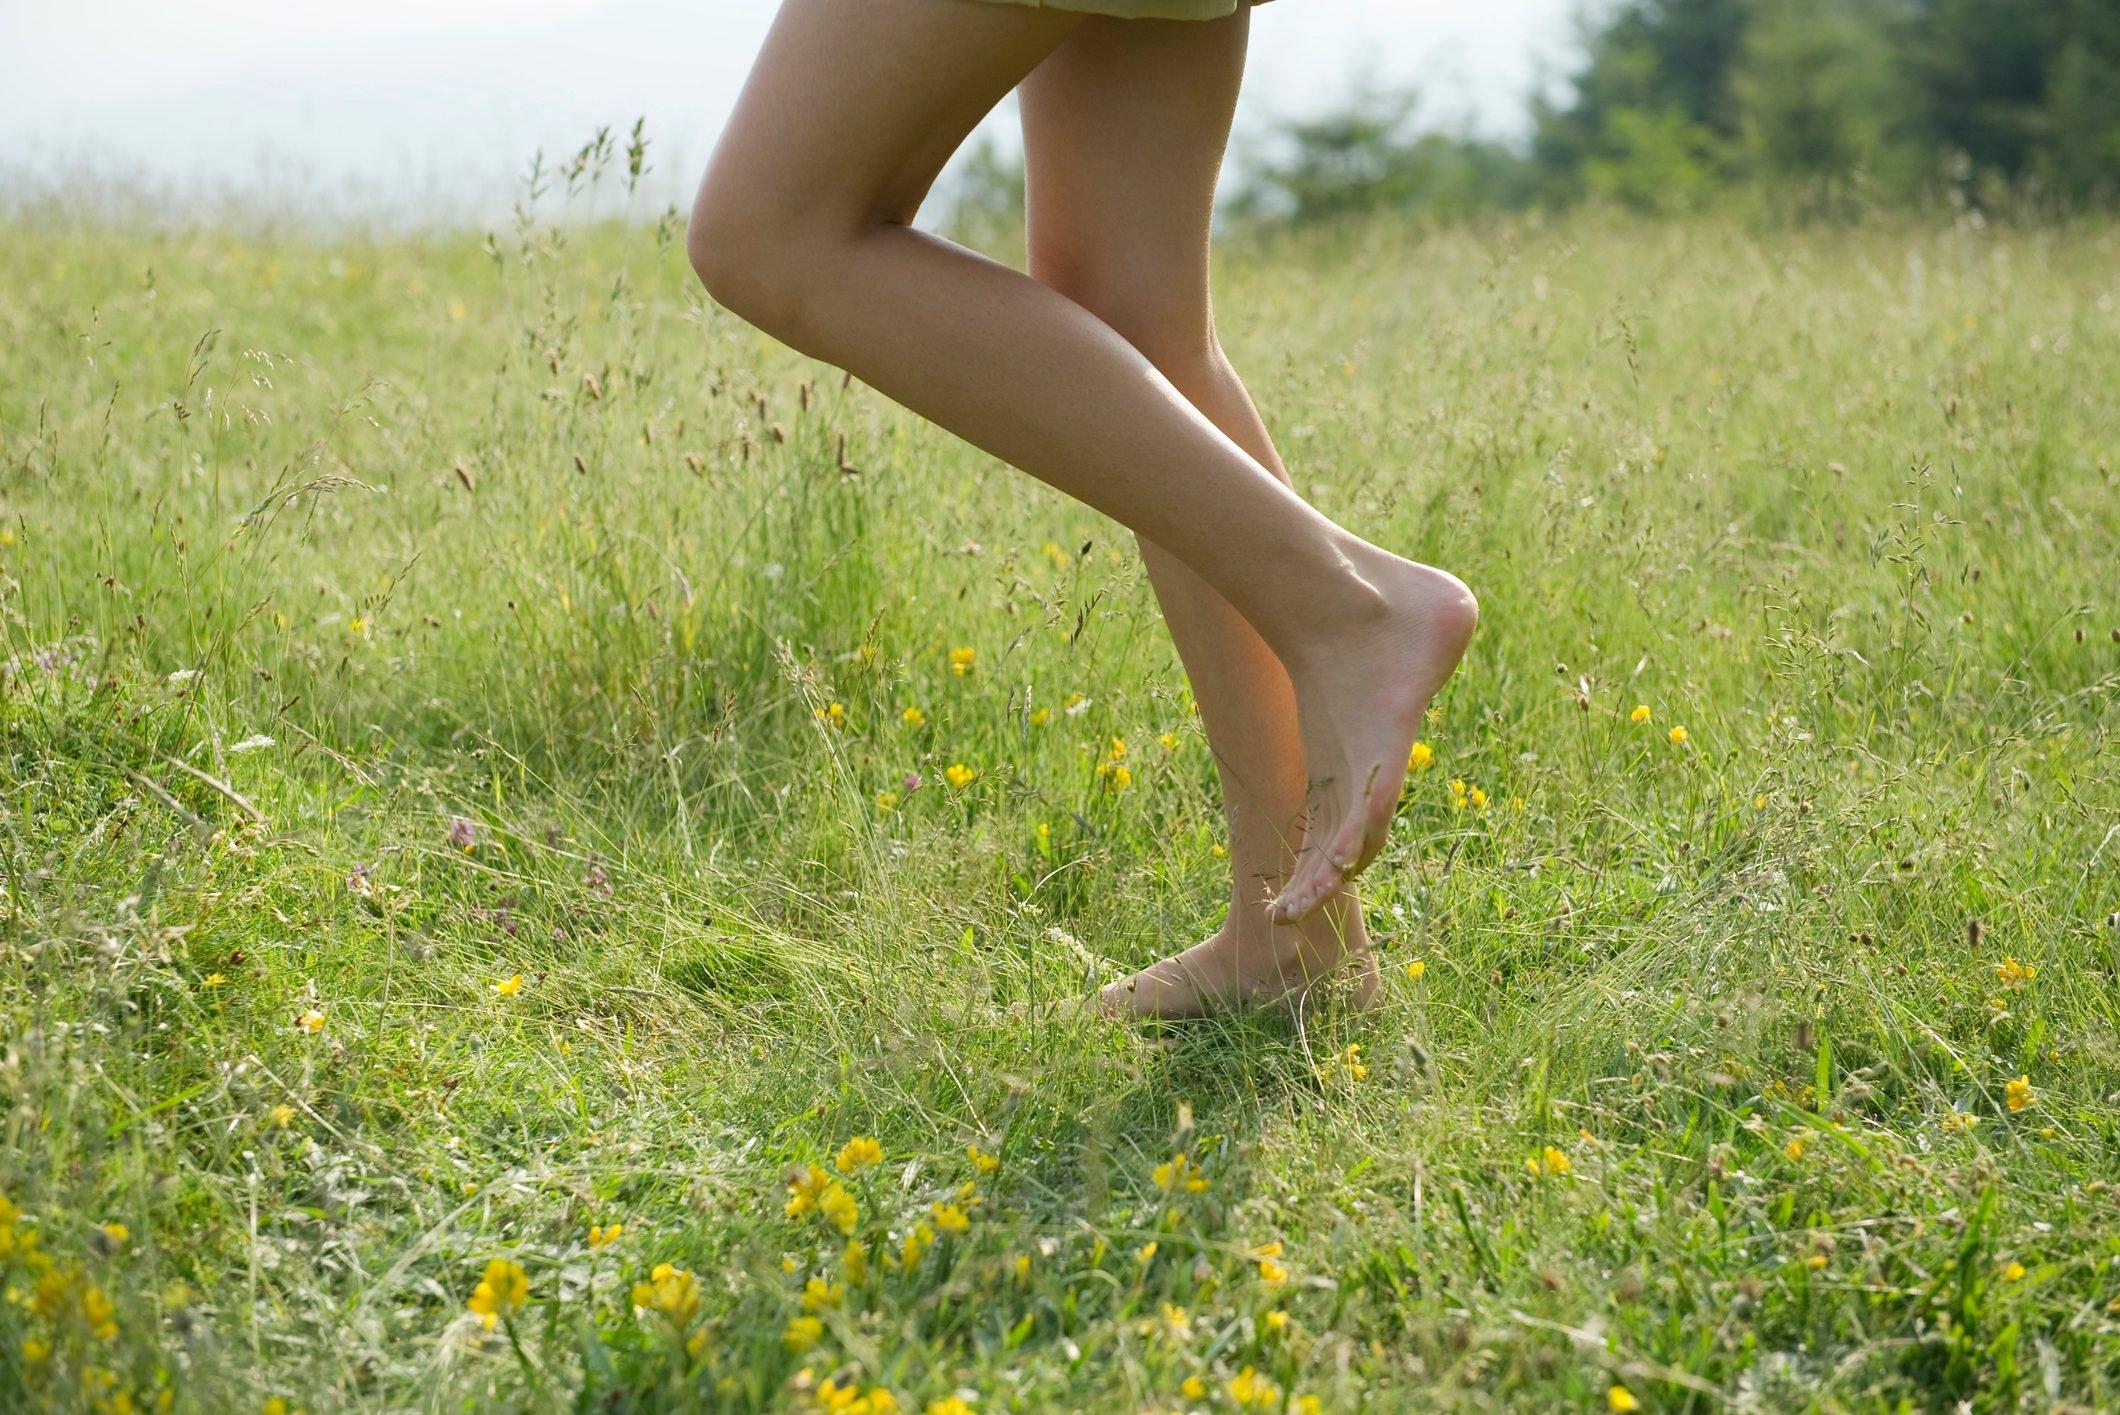 woman walking barefoot in grass field